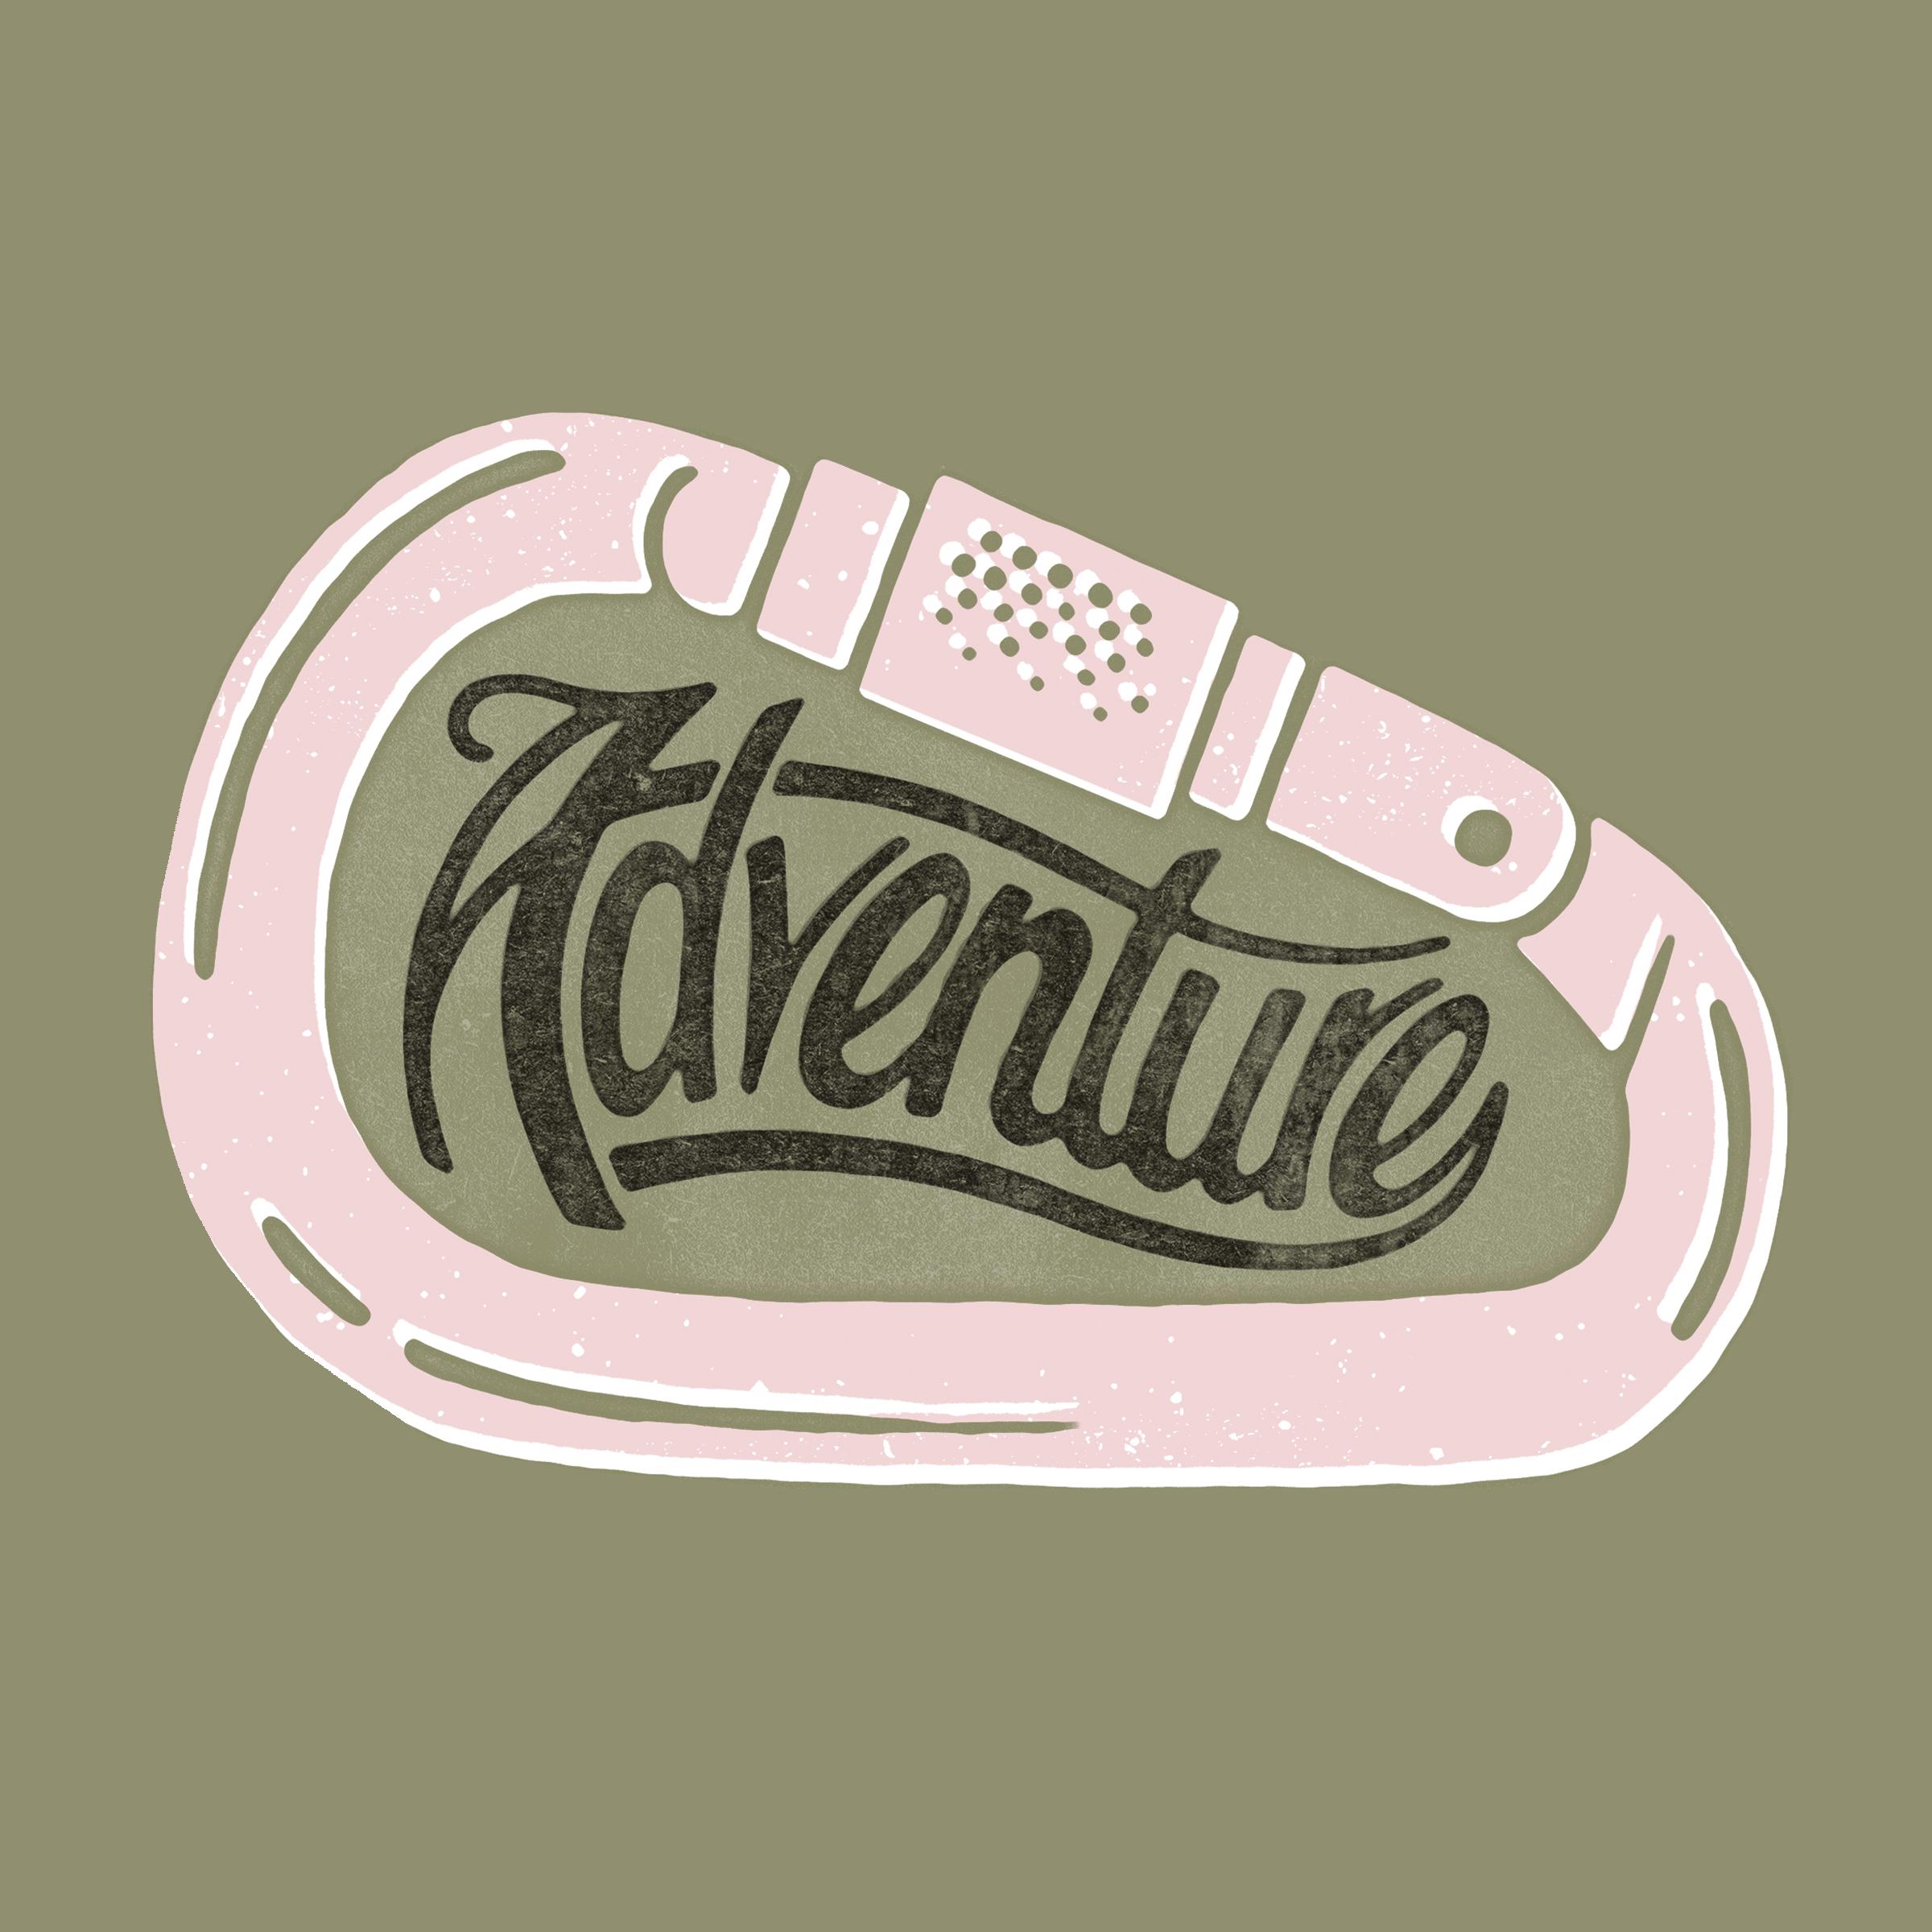 Adventure Carabiner